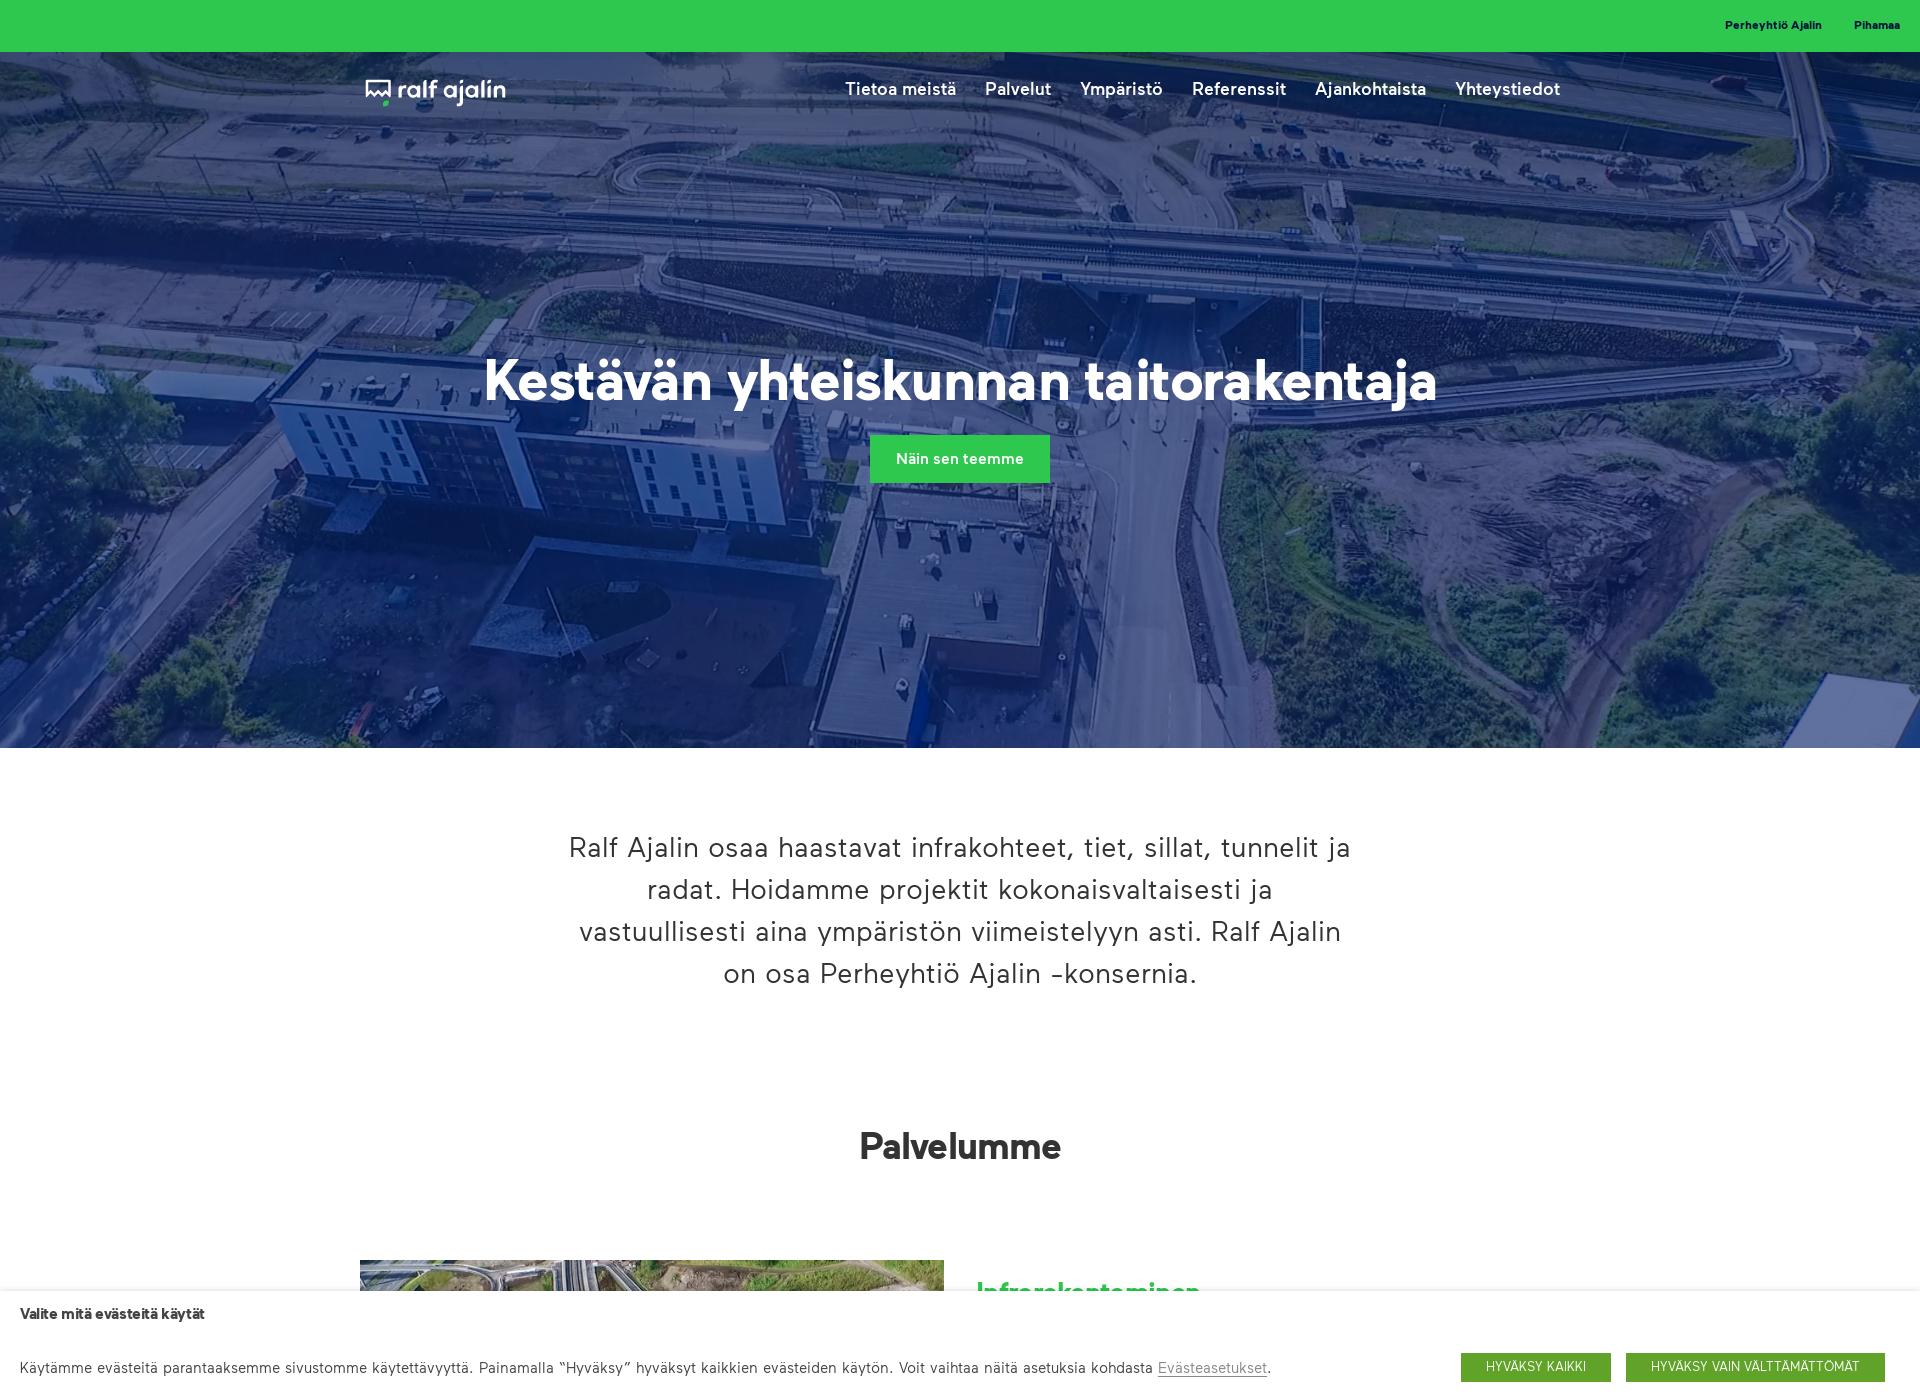 Screenshot for ralfajalin.fi